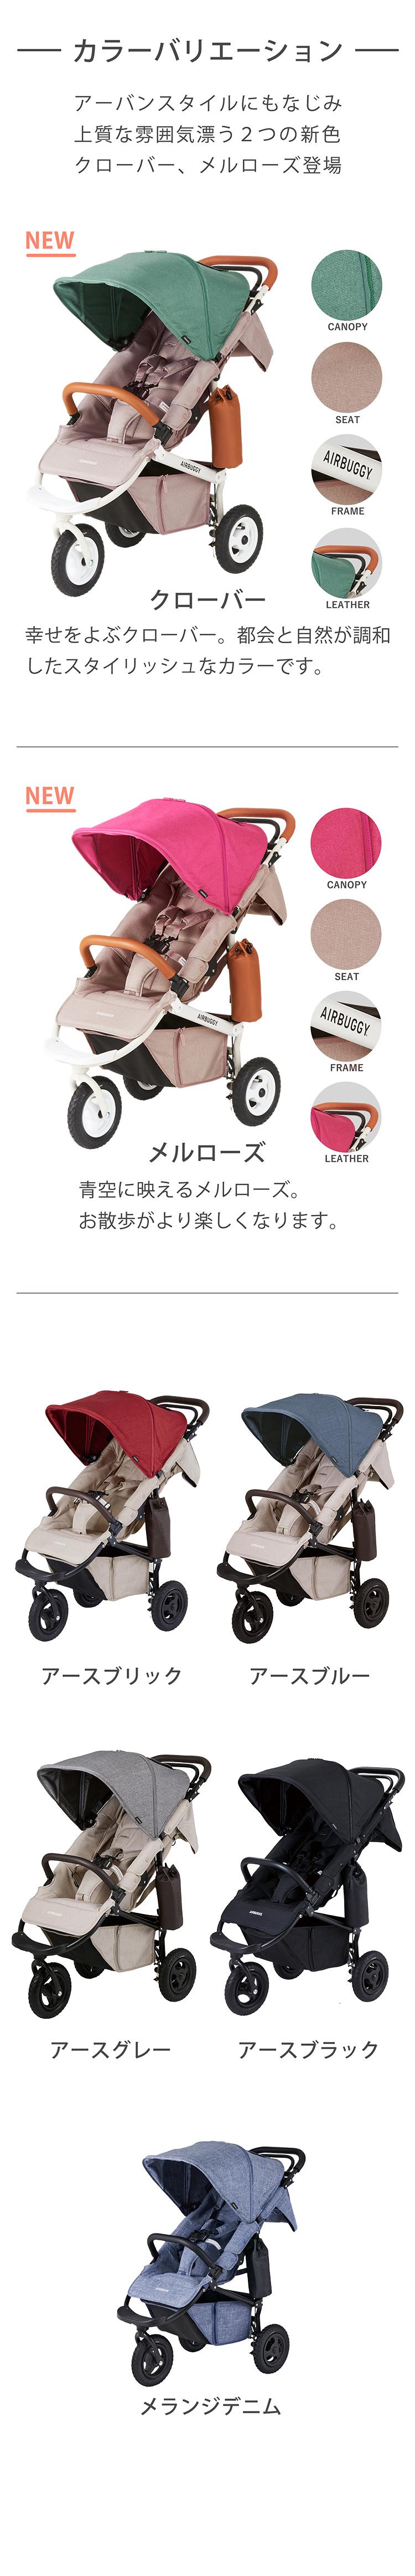 新生児から使えるベビーカーエアバギー「フロムバース ブレーキ付のプレミア」の商品ページ4